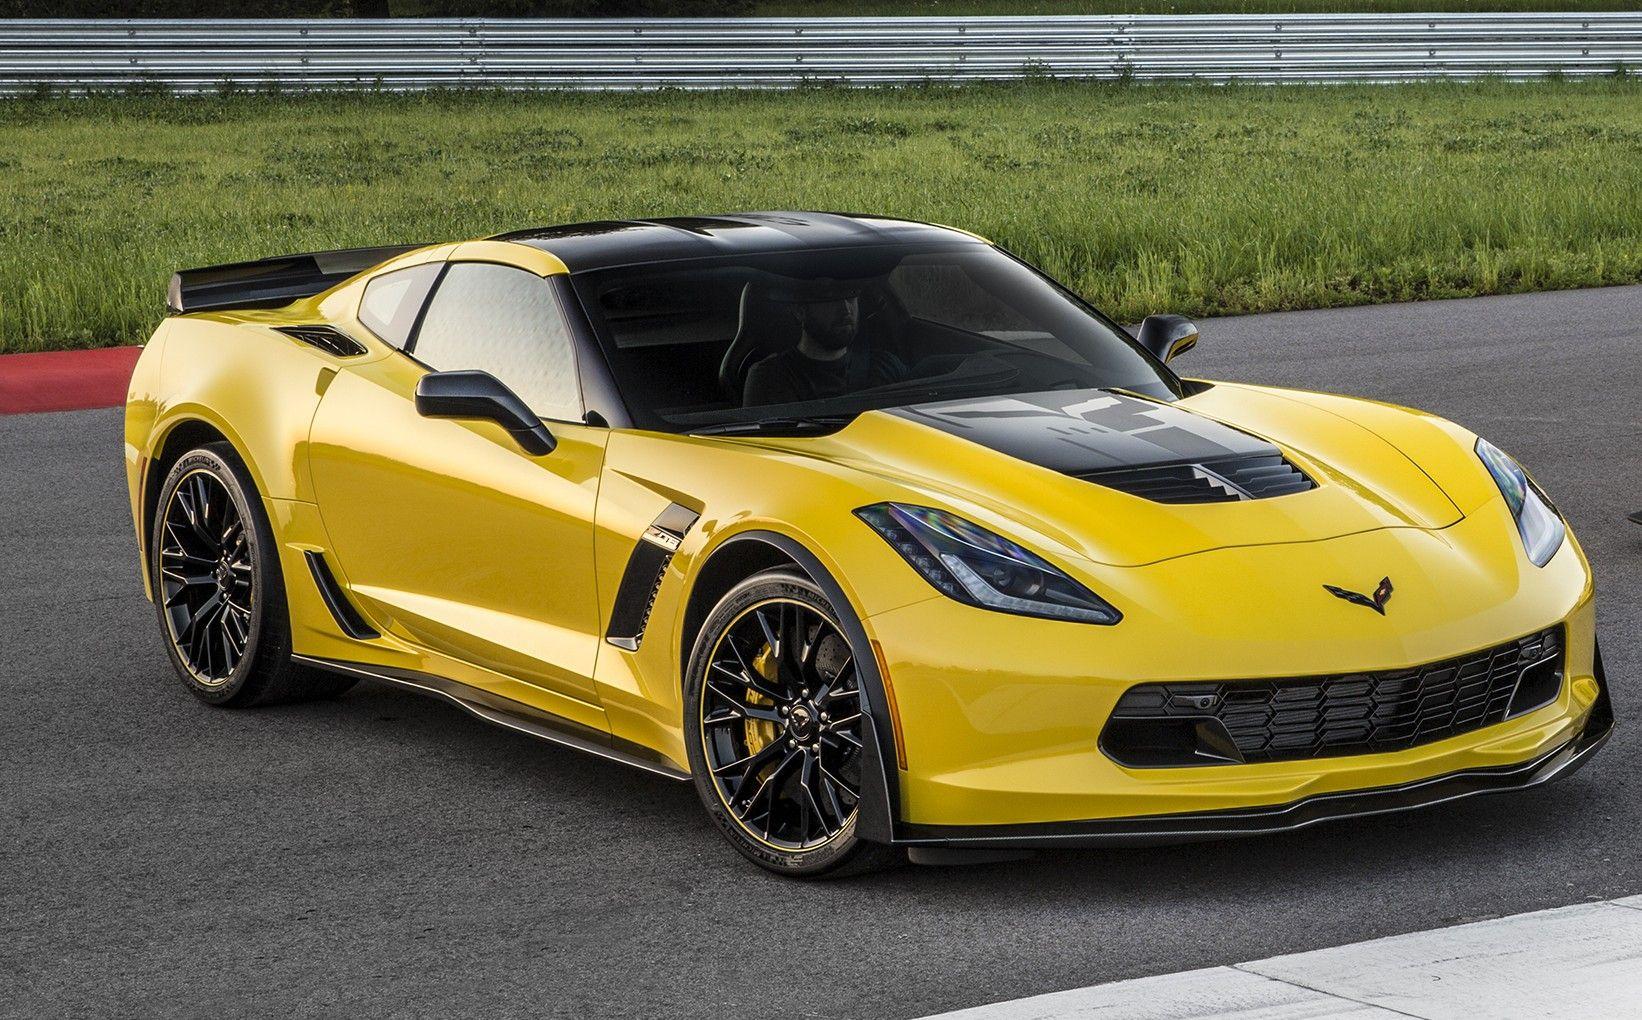 Resultats De Recherche D Images Pour Chevrolet Corvette C7 Z06 Belle Voiture Voitures De Luxe Voiture